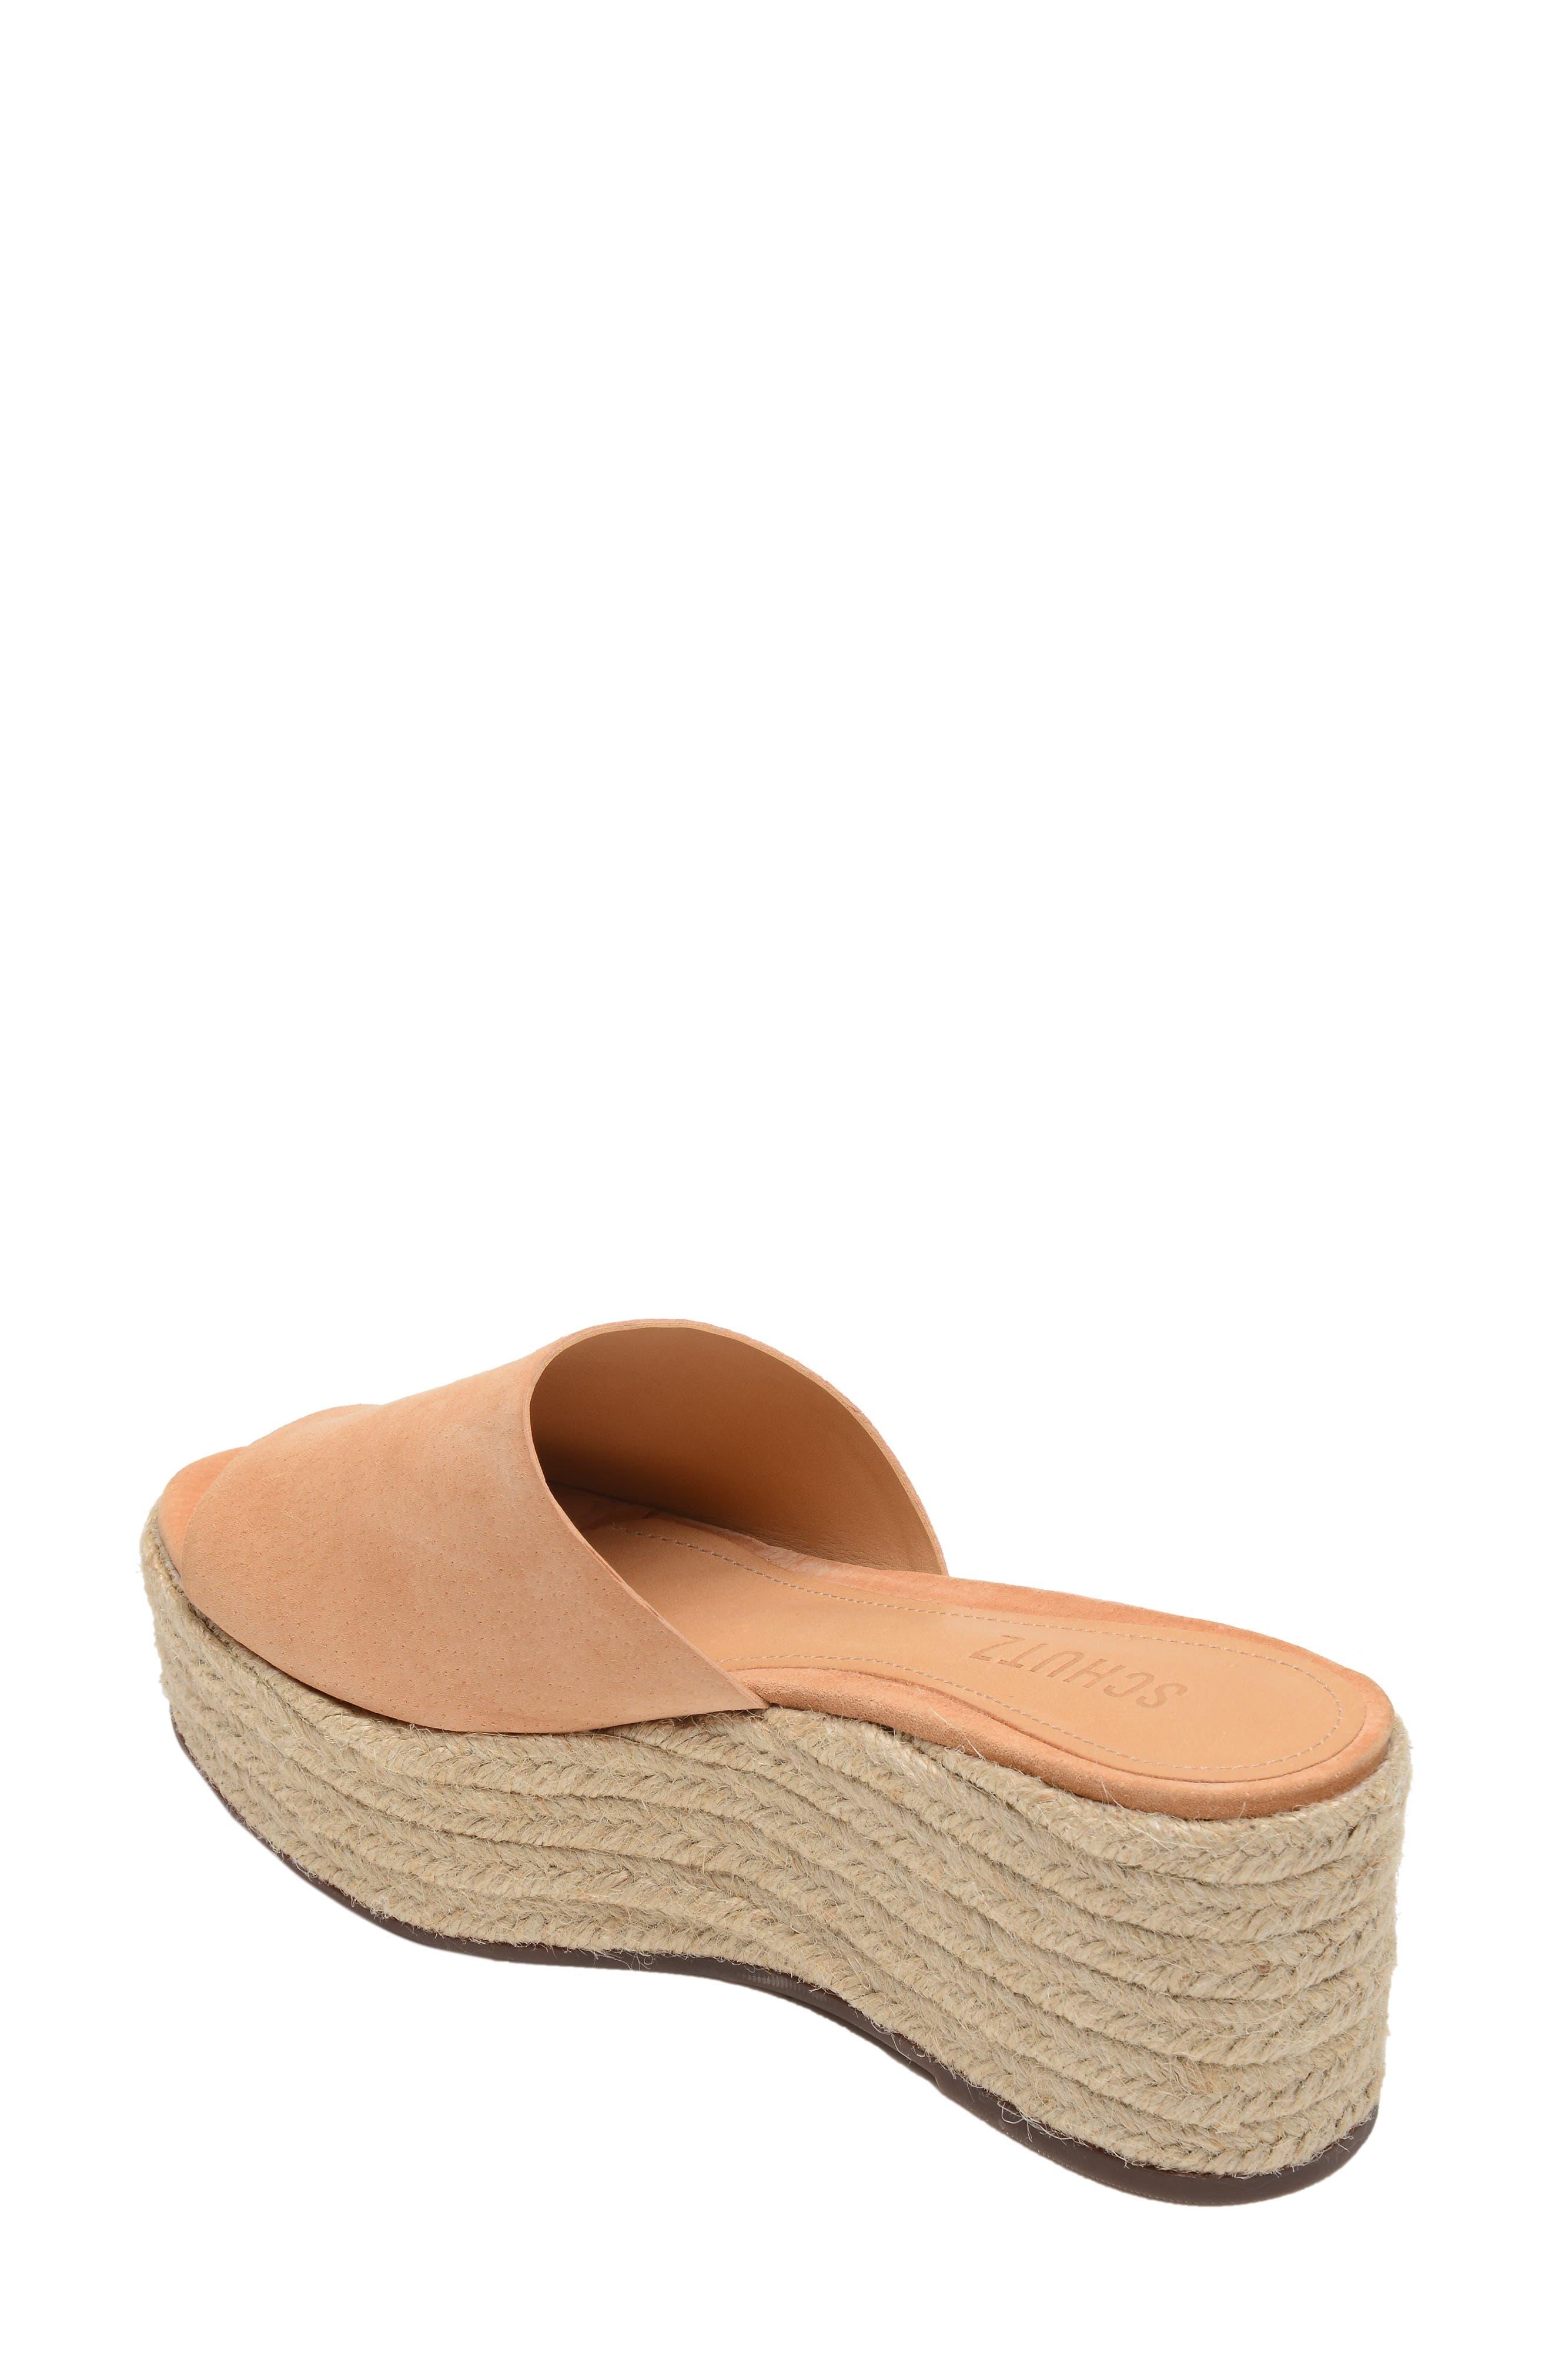 Thalia Platform Wedge Slide Sandal,                             Alternate thumbnail 2, color,                             HONEY BEIGE